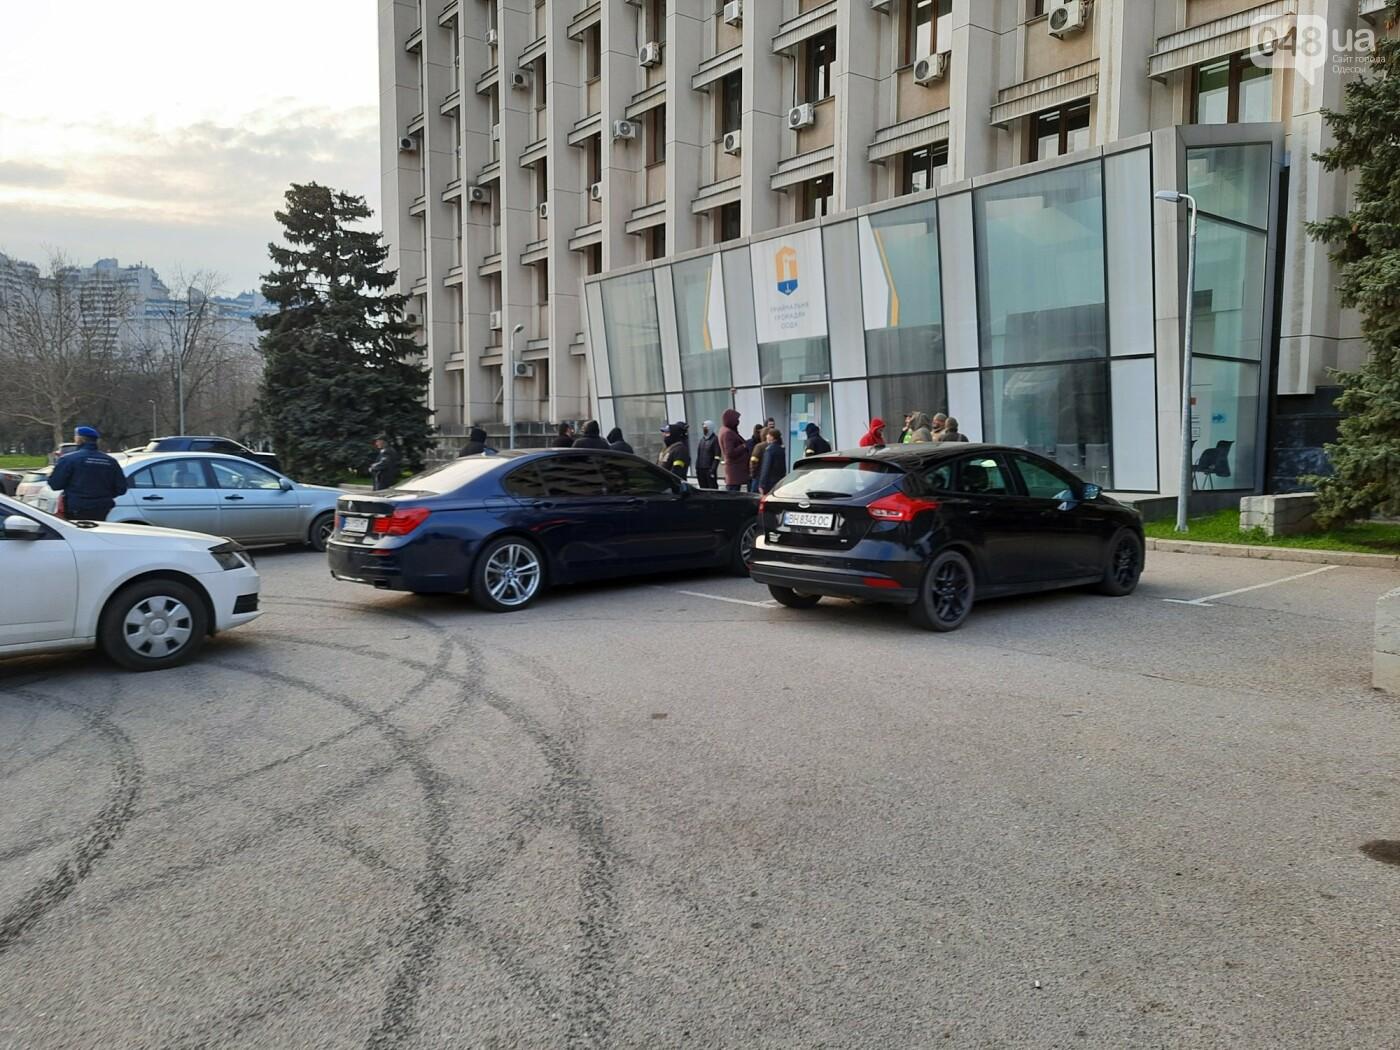 В Одессе неизвестные в масках и балаклавах окружили здание обладминистрации, - ФОТО, фото-6